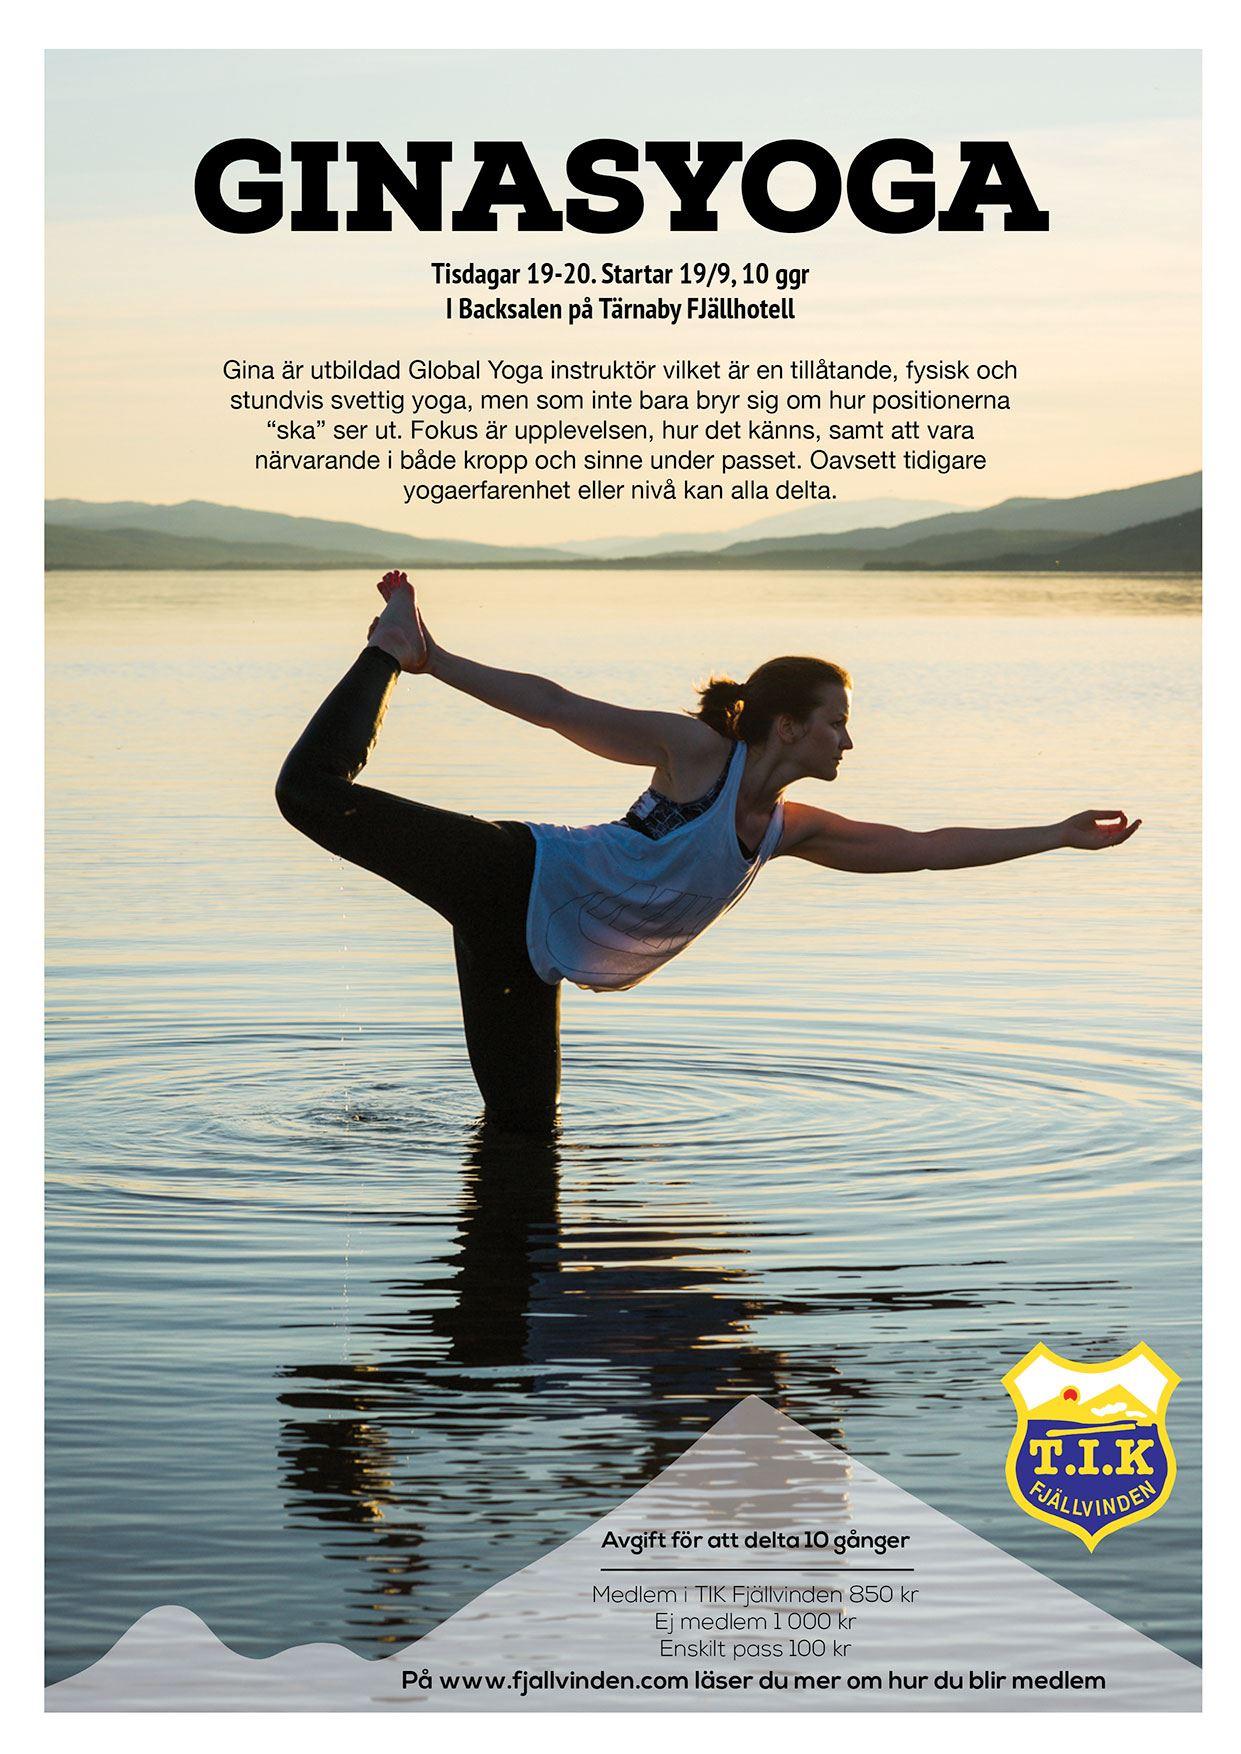 Marianne Lindgren, Yoga på Tärnaby Fjällhotell